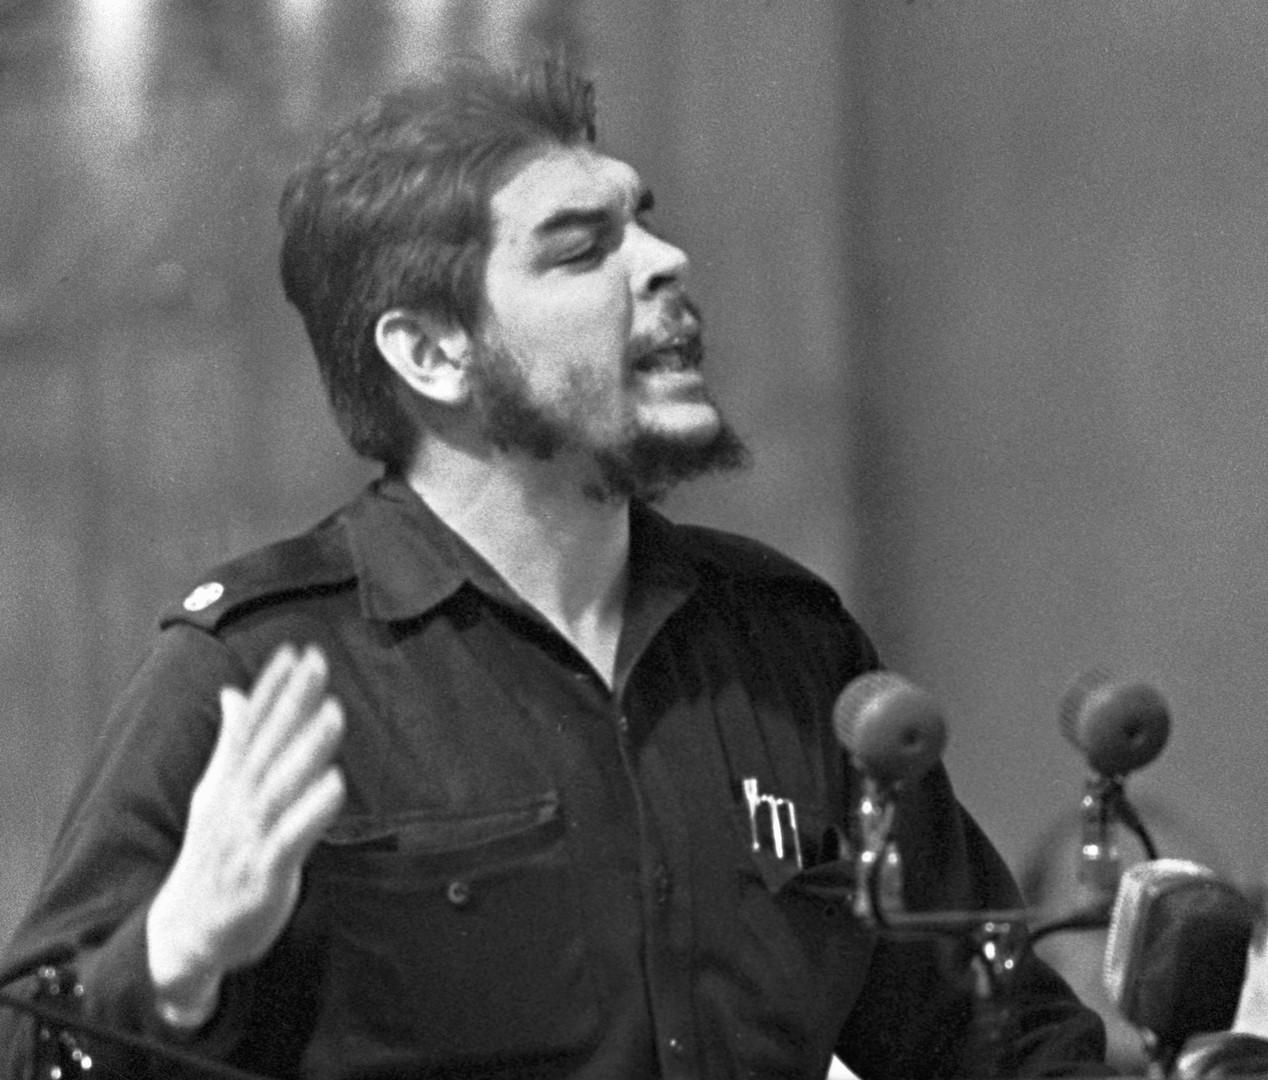 Che Guevara und der Kampf für eine bessere Welt: Heute vor 50 Jahren von CIA-Agenten ermordet